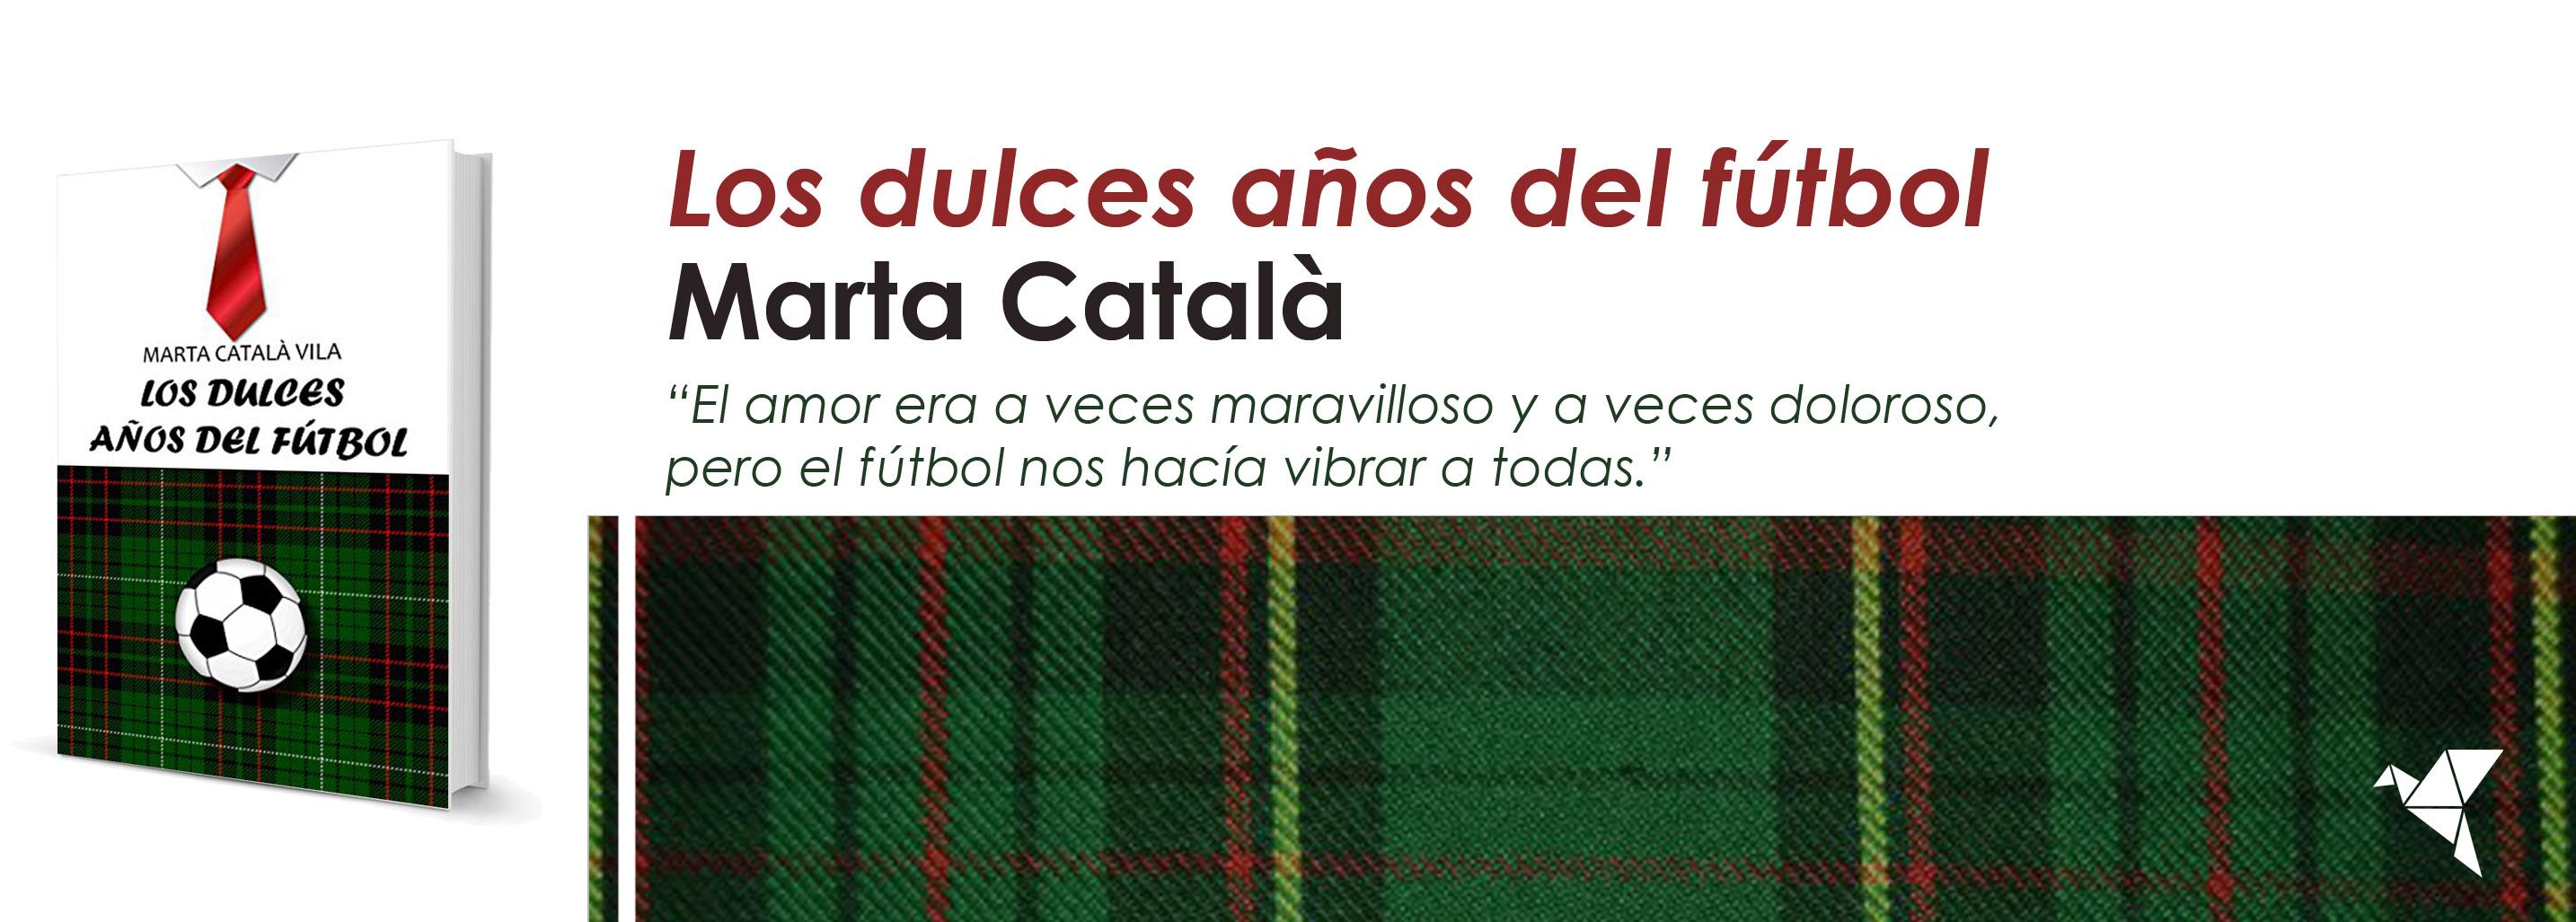 Los dulces años del fútbol, de Marta Català